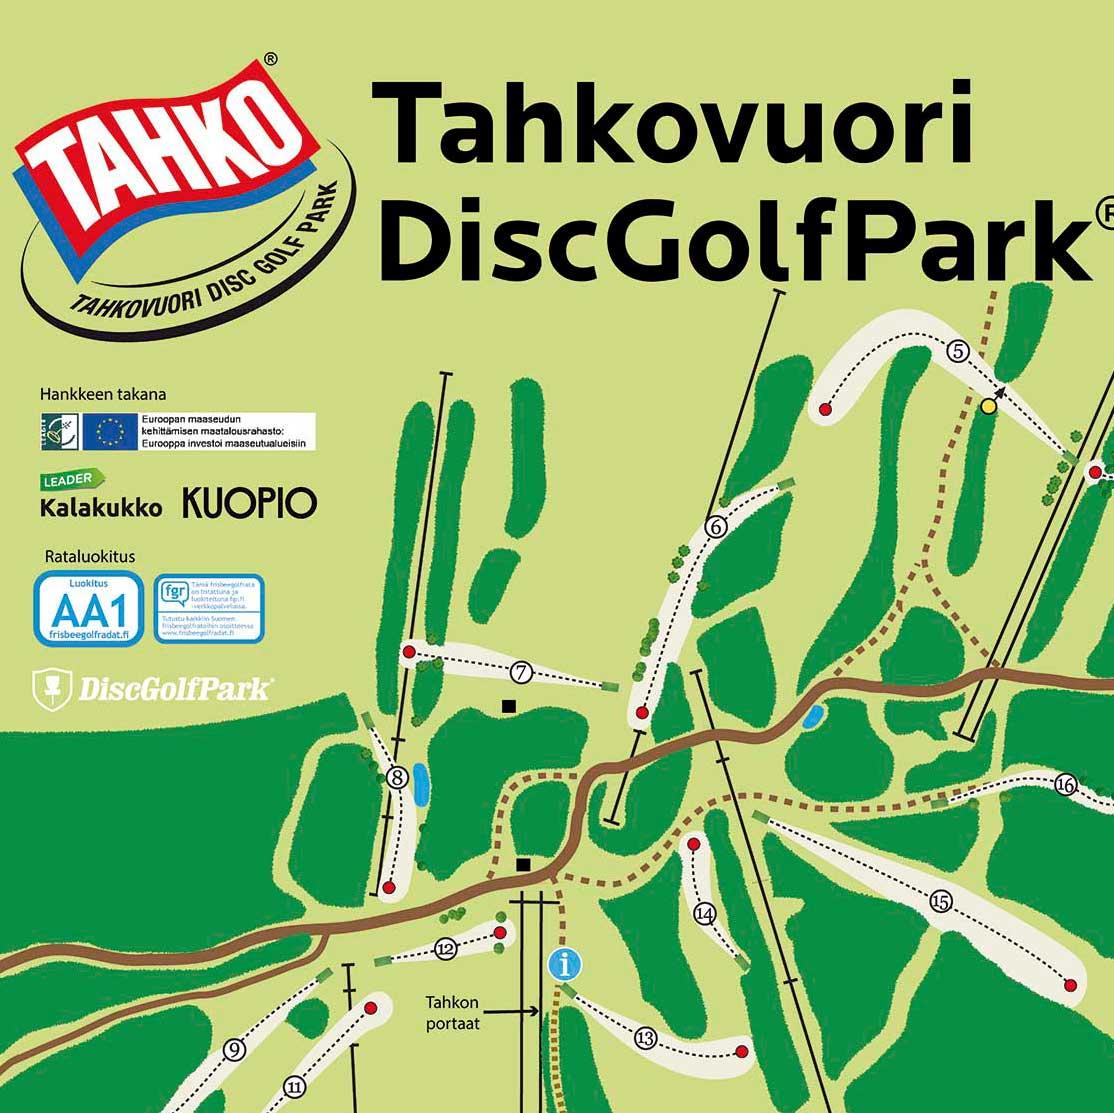 Tahkovuori DiscGolfPark (18 väylää)